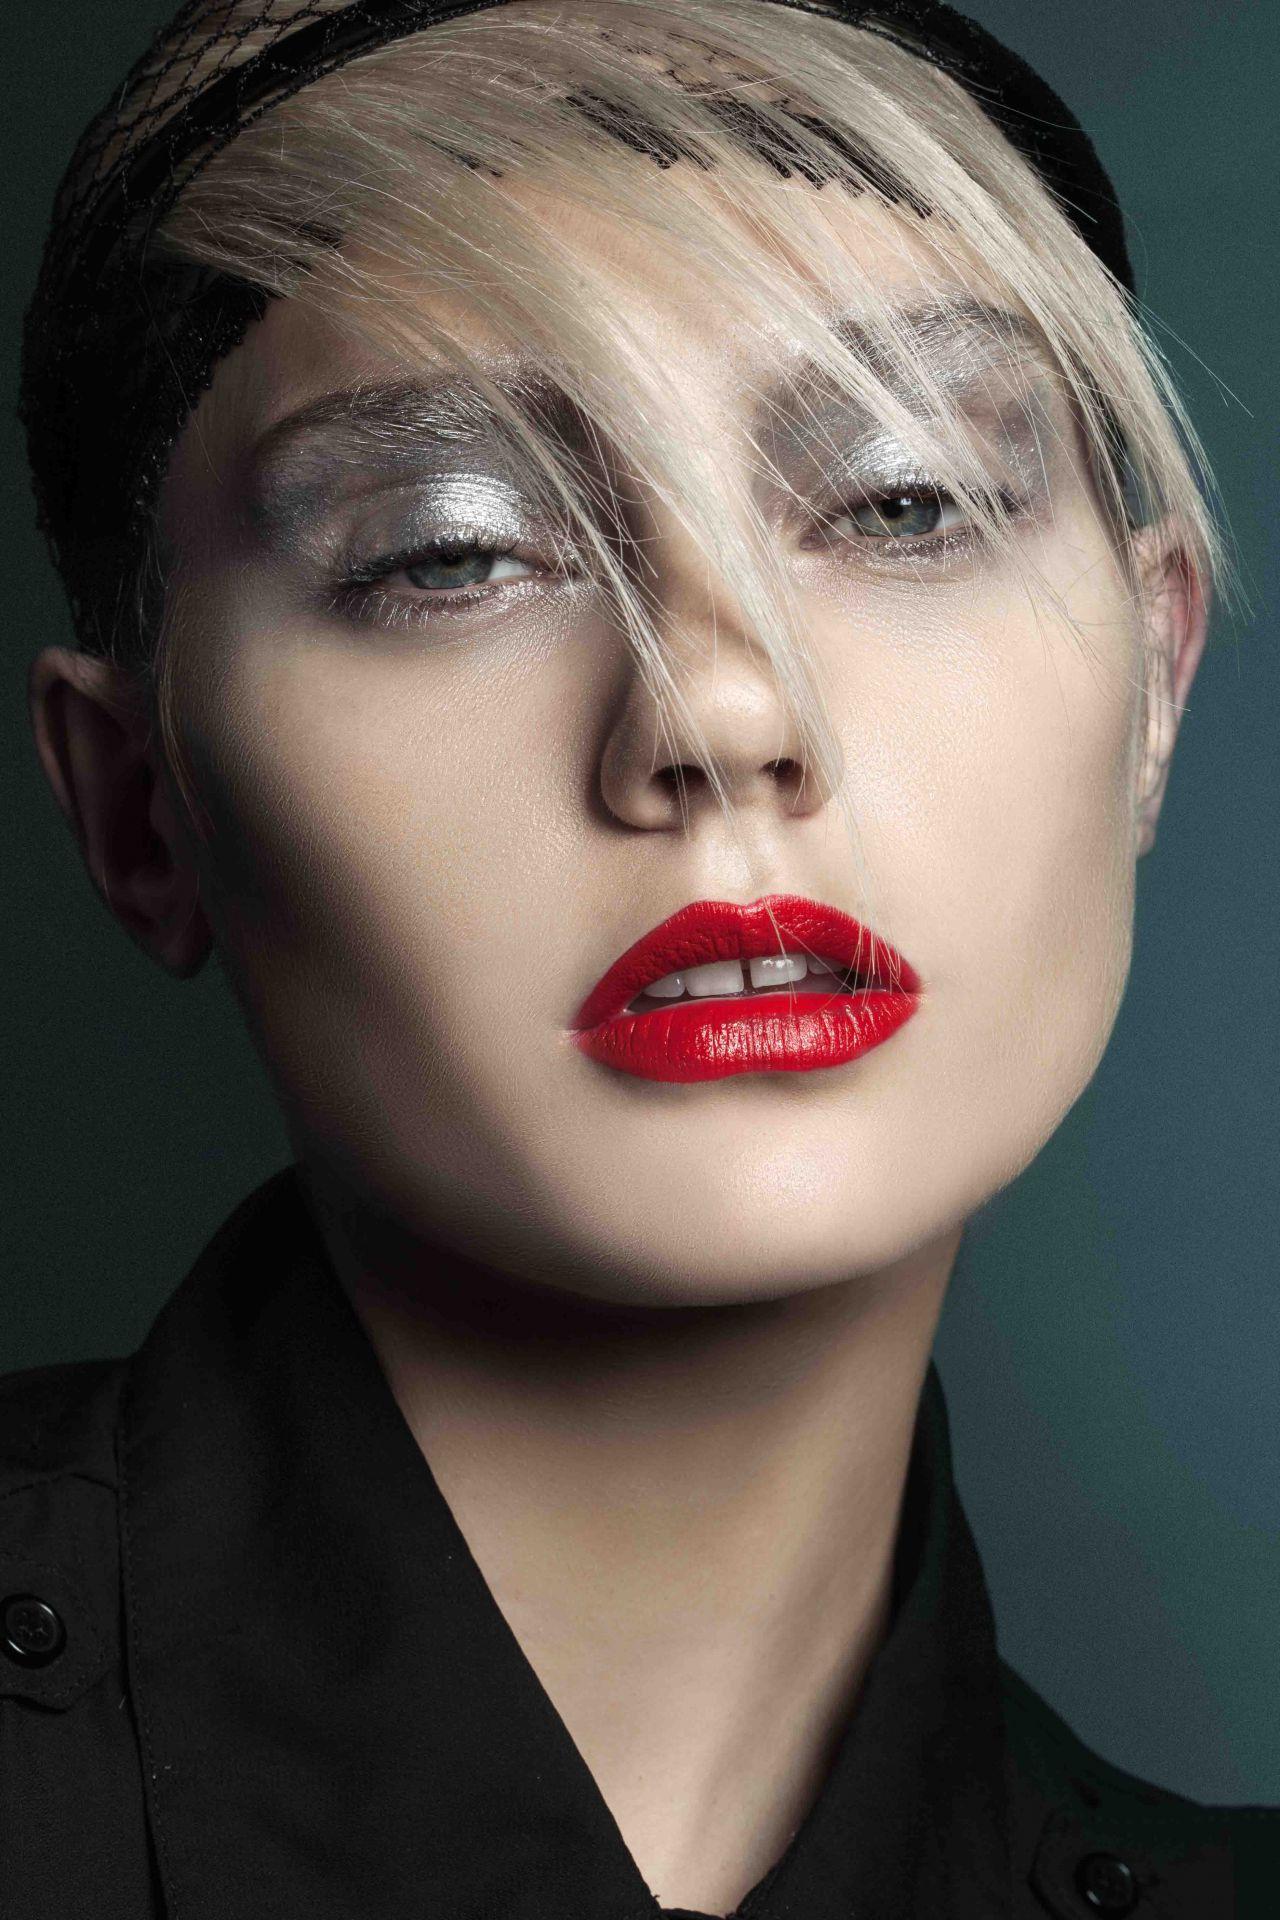 Frisuren Kollektion von Lucie Doughty